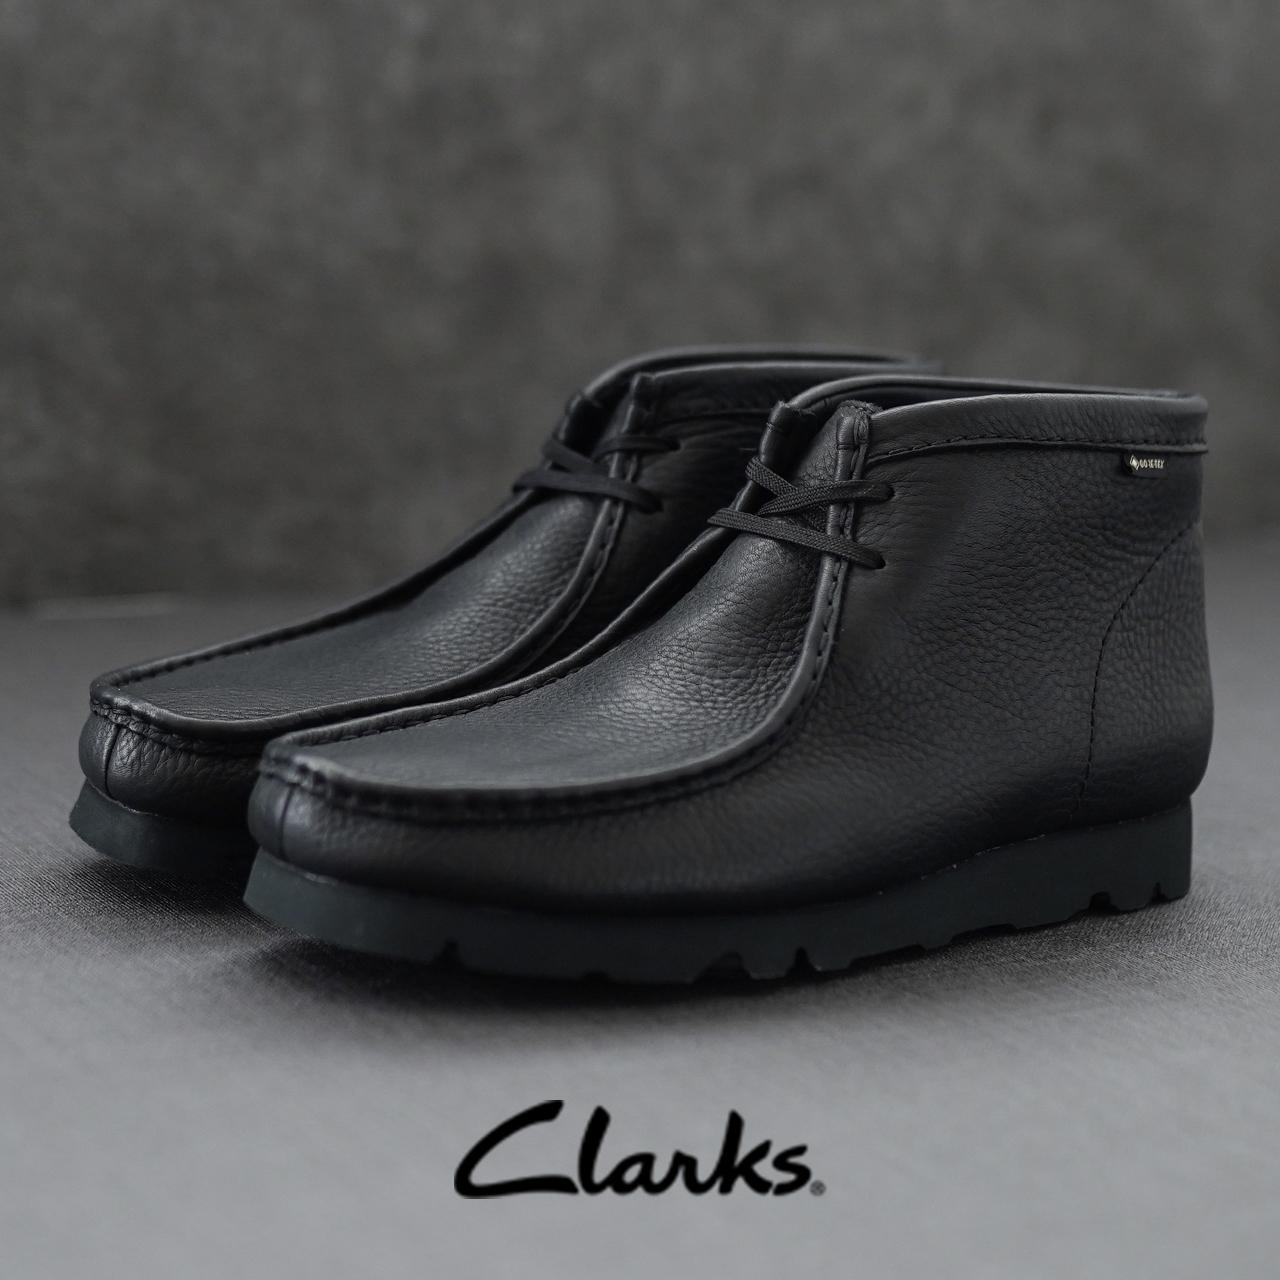 クラークス 百貨店 (人気激安) Clarks ゴアテックス搭載のハイパフォーマンスシューズ ワラビー ブーツ ゴアテックス Wallabee Boot GTX GORE-TEX 25.5cm-28.5cm レースアップ メンズ 2021秋冬 チャッカブーツ 0824 レザー 送料無料 26146260